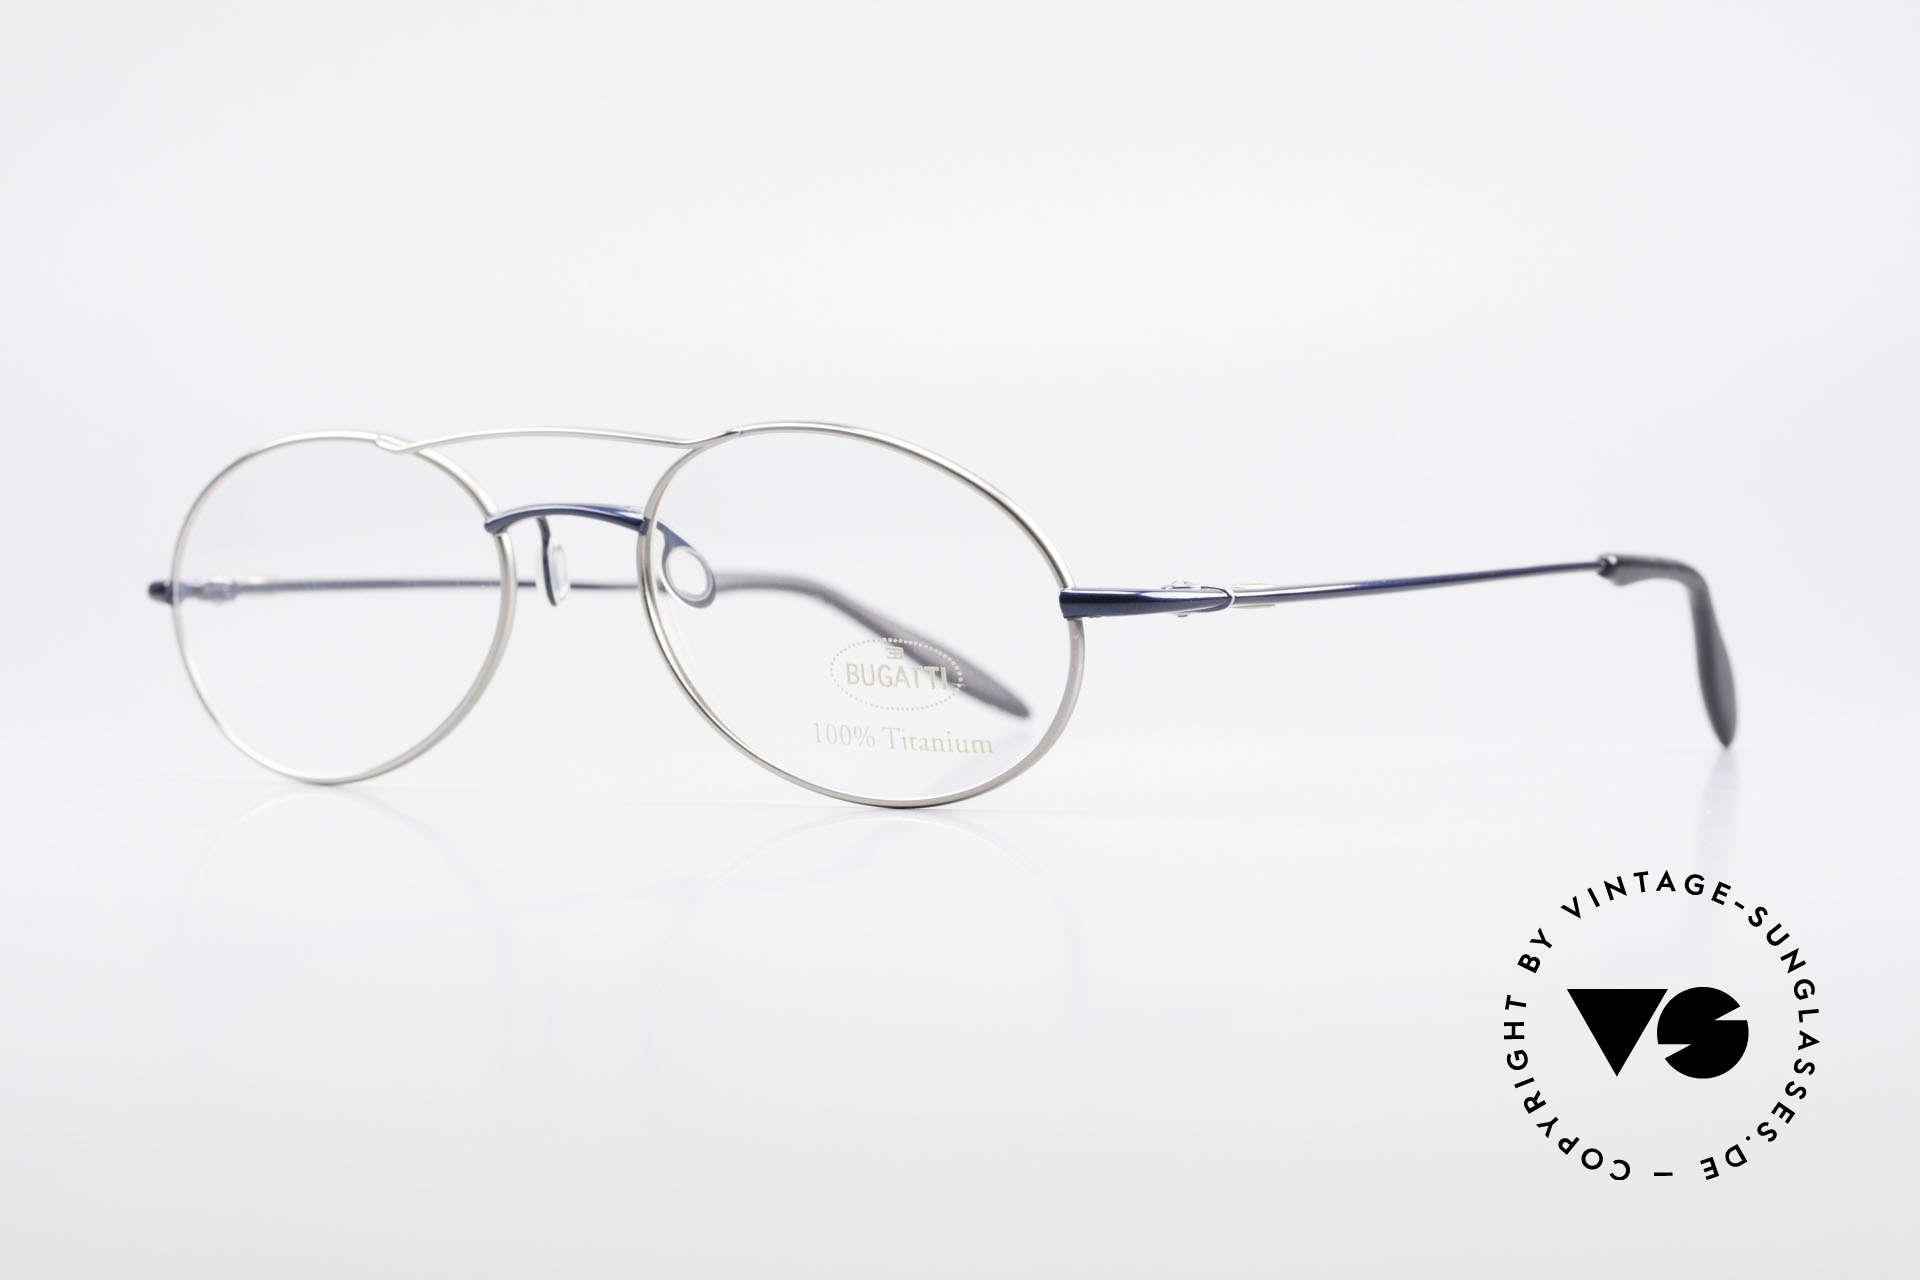 Bugatti 19239 Titanium Luxus Brillenfassung, ergonomische Bügelform für höchsten Tragekomfort, Passend für Herren